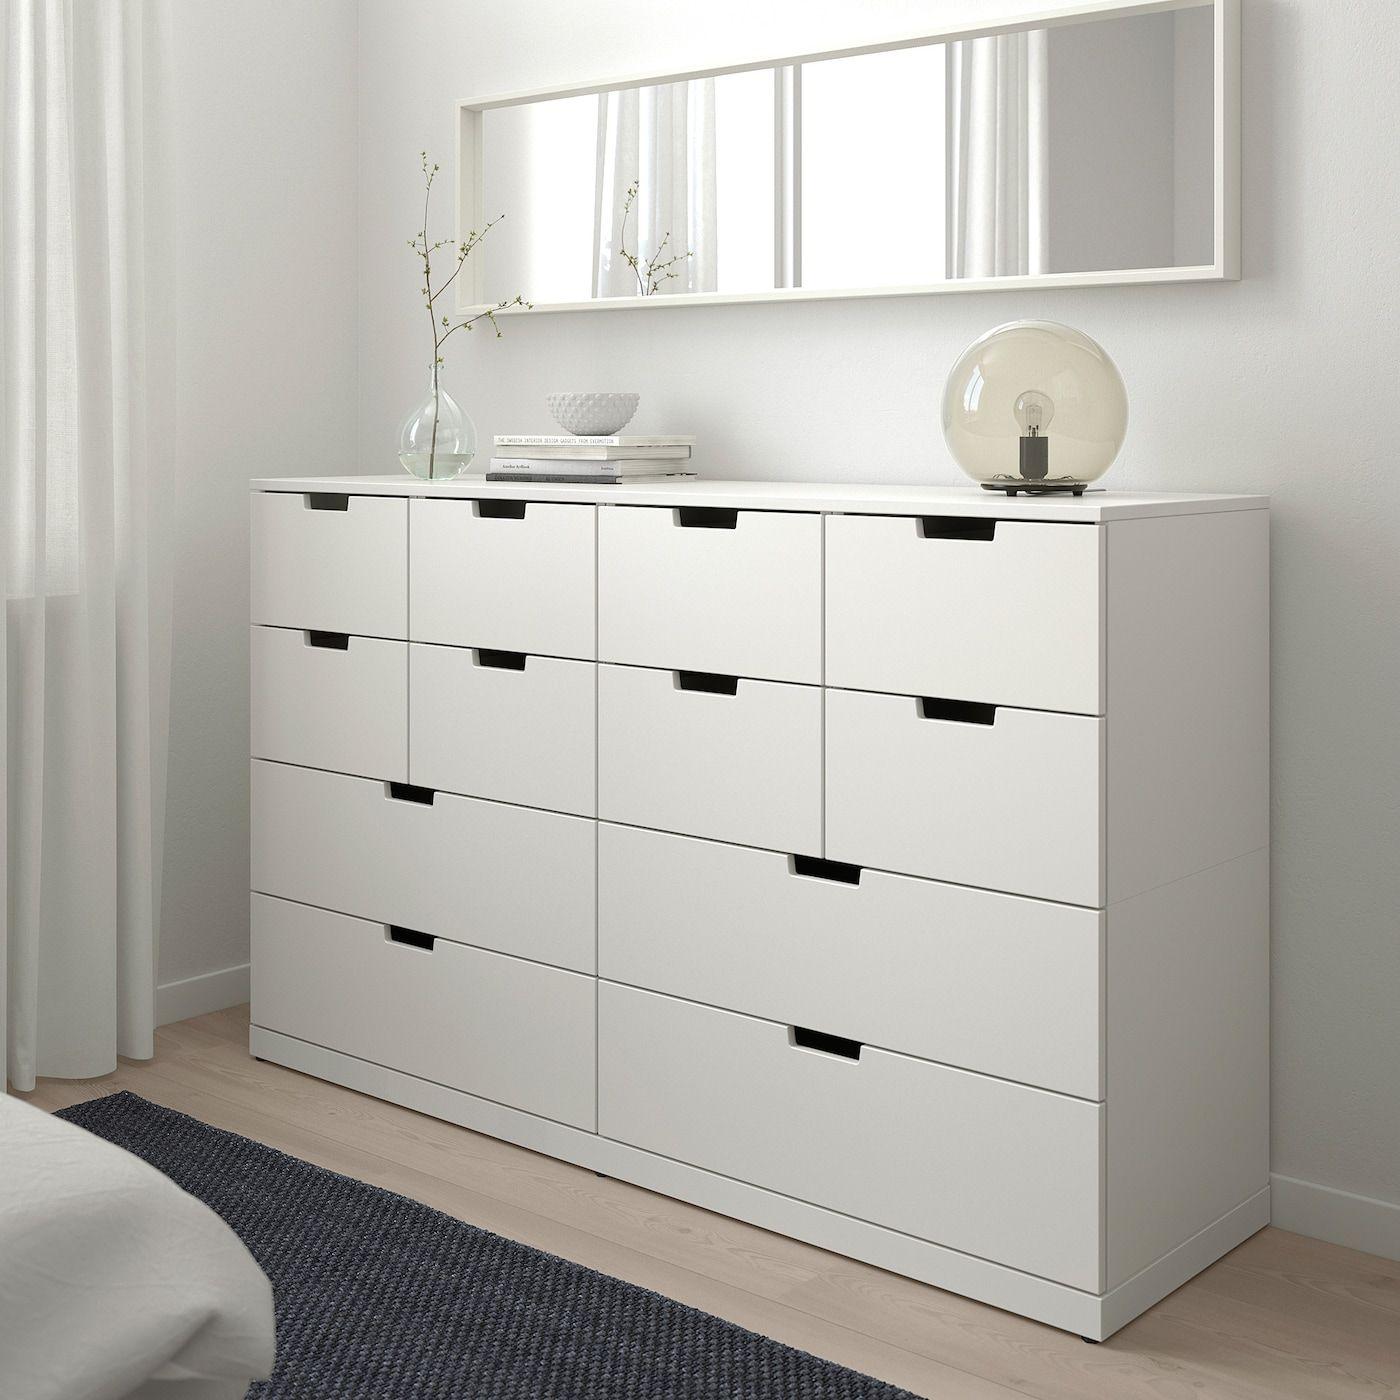 Nordli 12 Drawer Chest White Ikea Schlafzimmer Kommode Speicherideen Nordli Ikea [ 1400 x 1400 Pixel ]